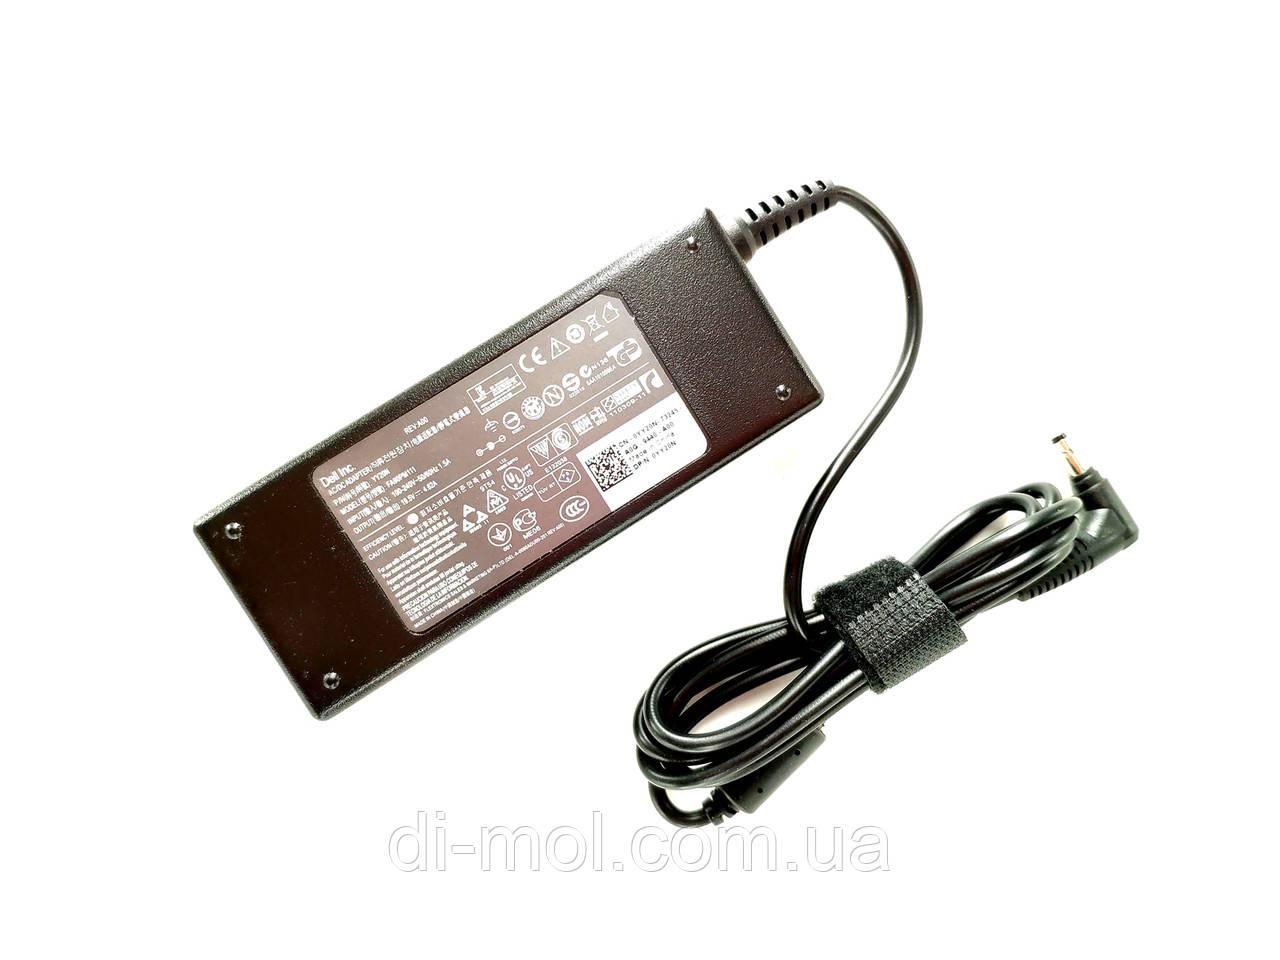 Оригинальный блок питания для ноутбука Dell 19.5V, 4.62A (90W), разъем 4.0/1.7